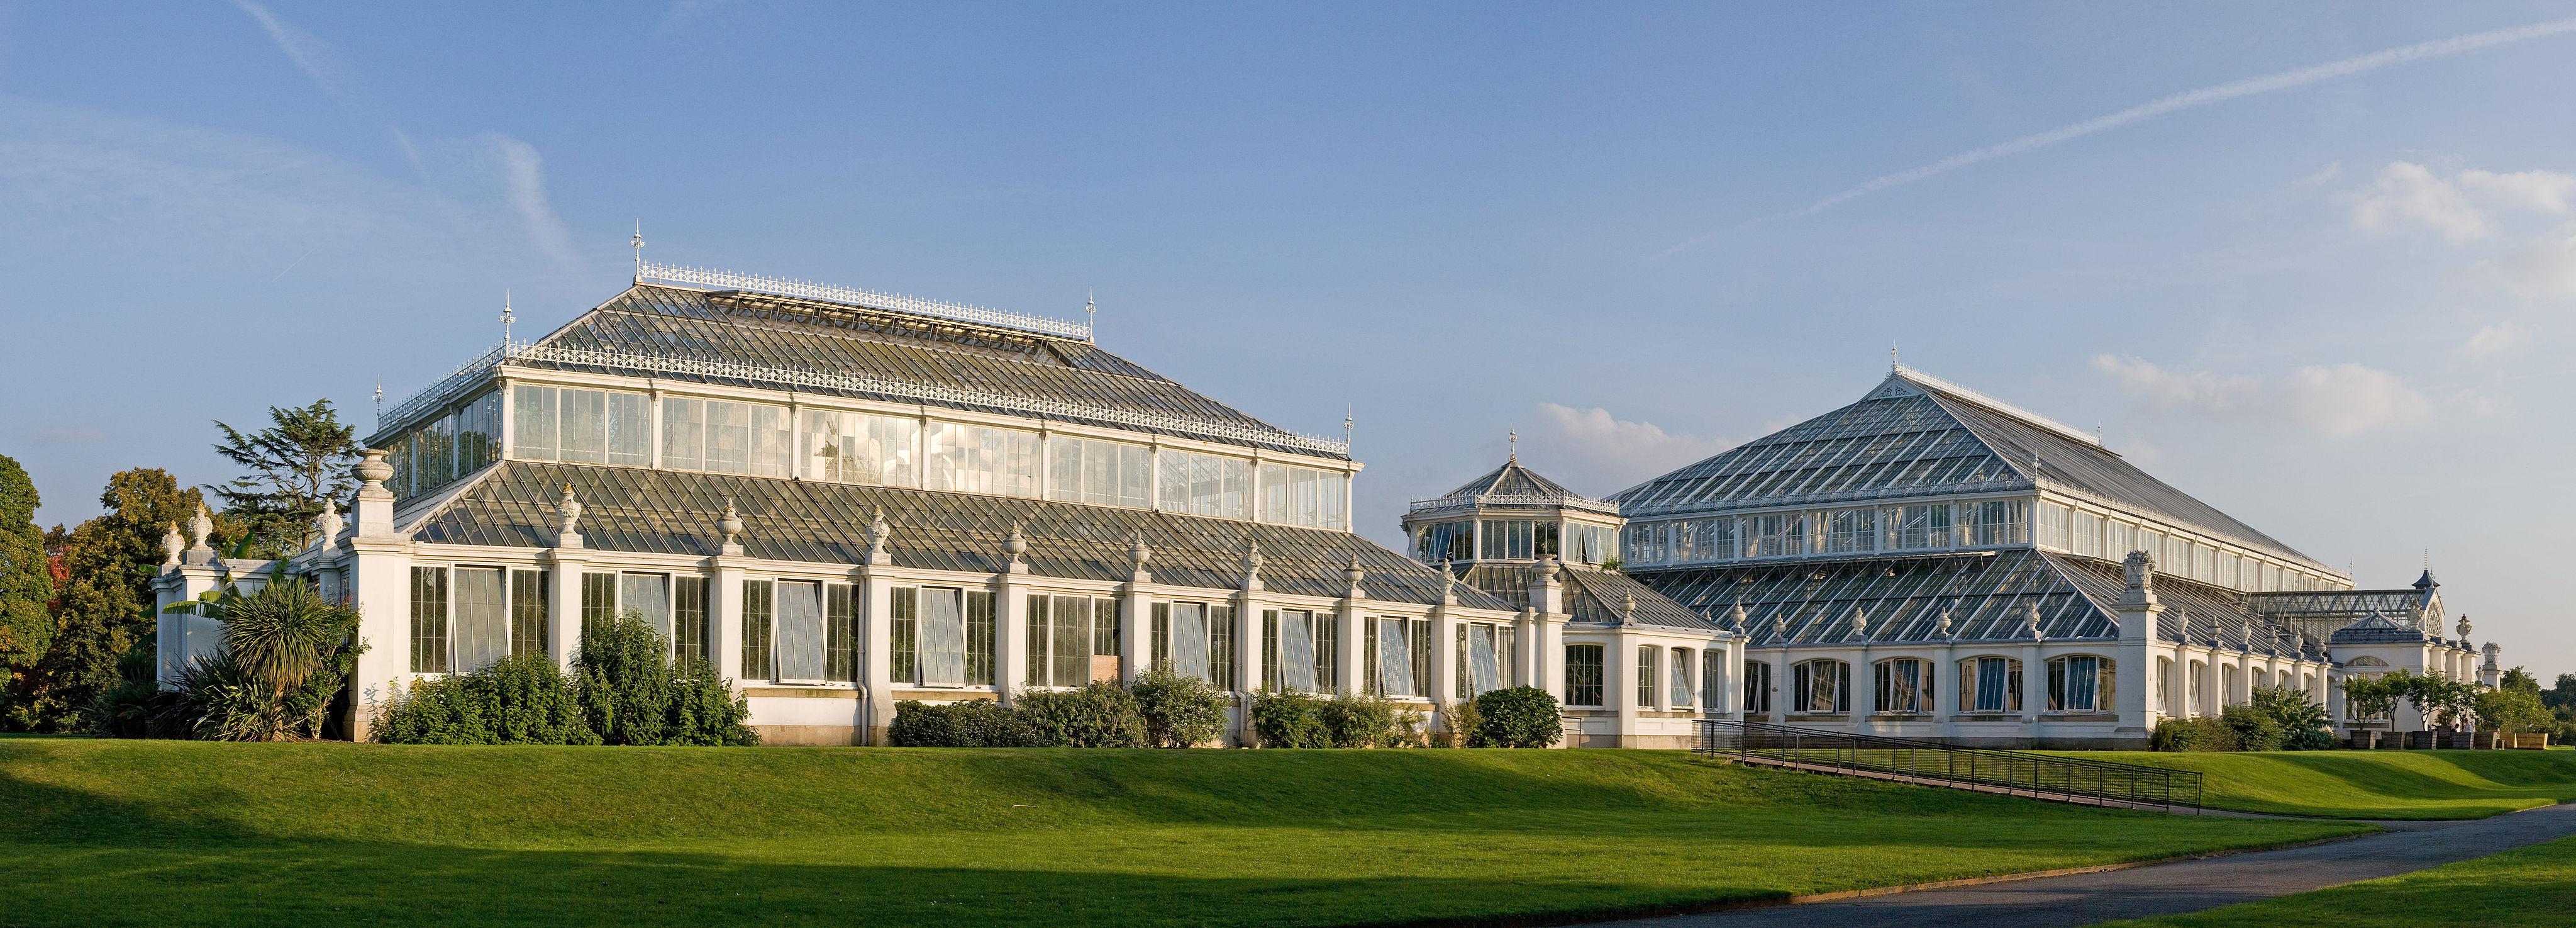 Kew_Gardens_Temperate_House_-_Sept_2008.jpg